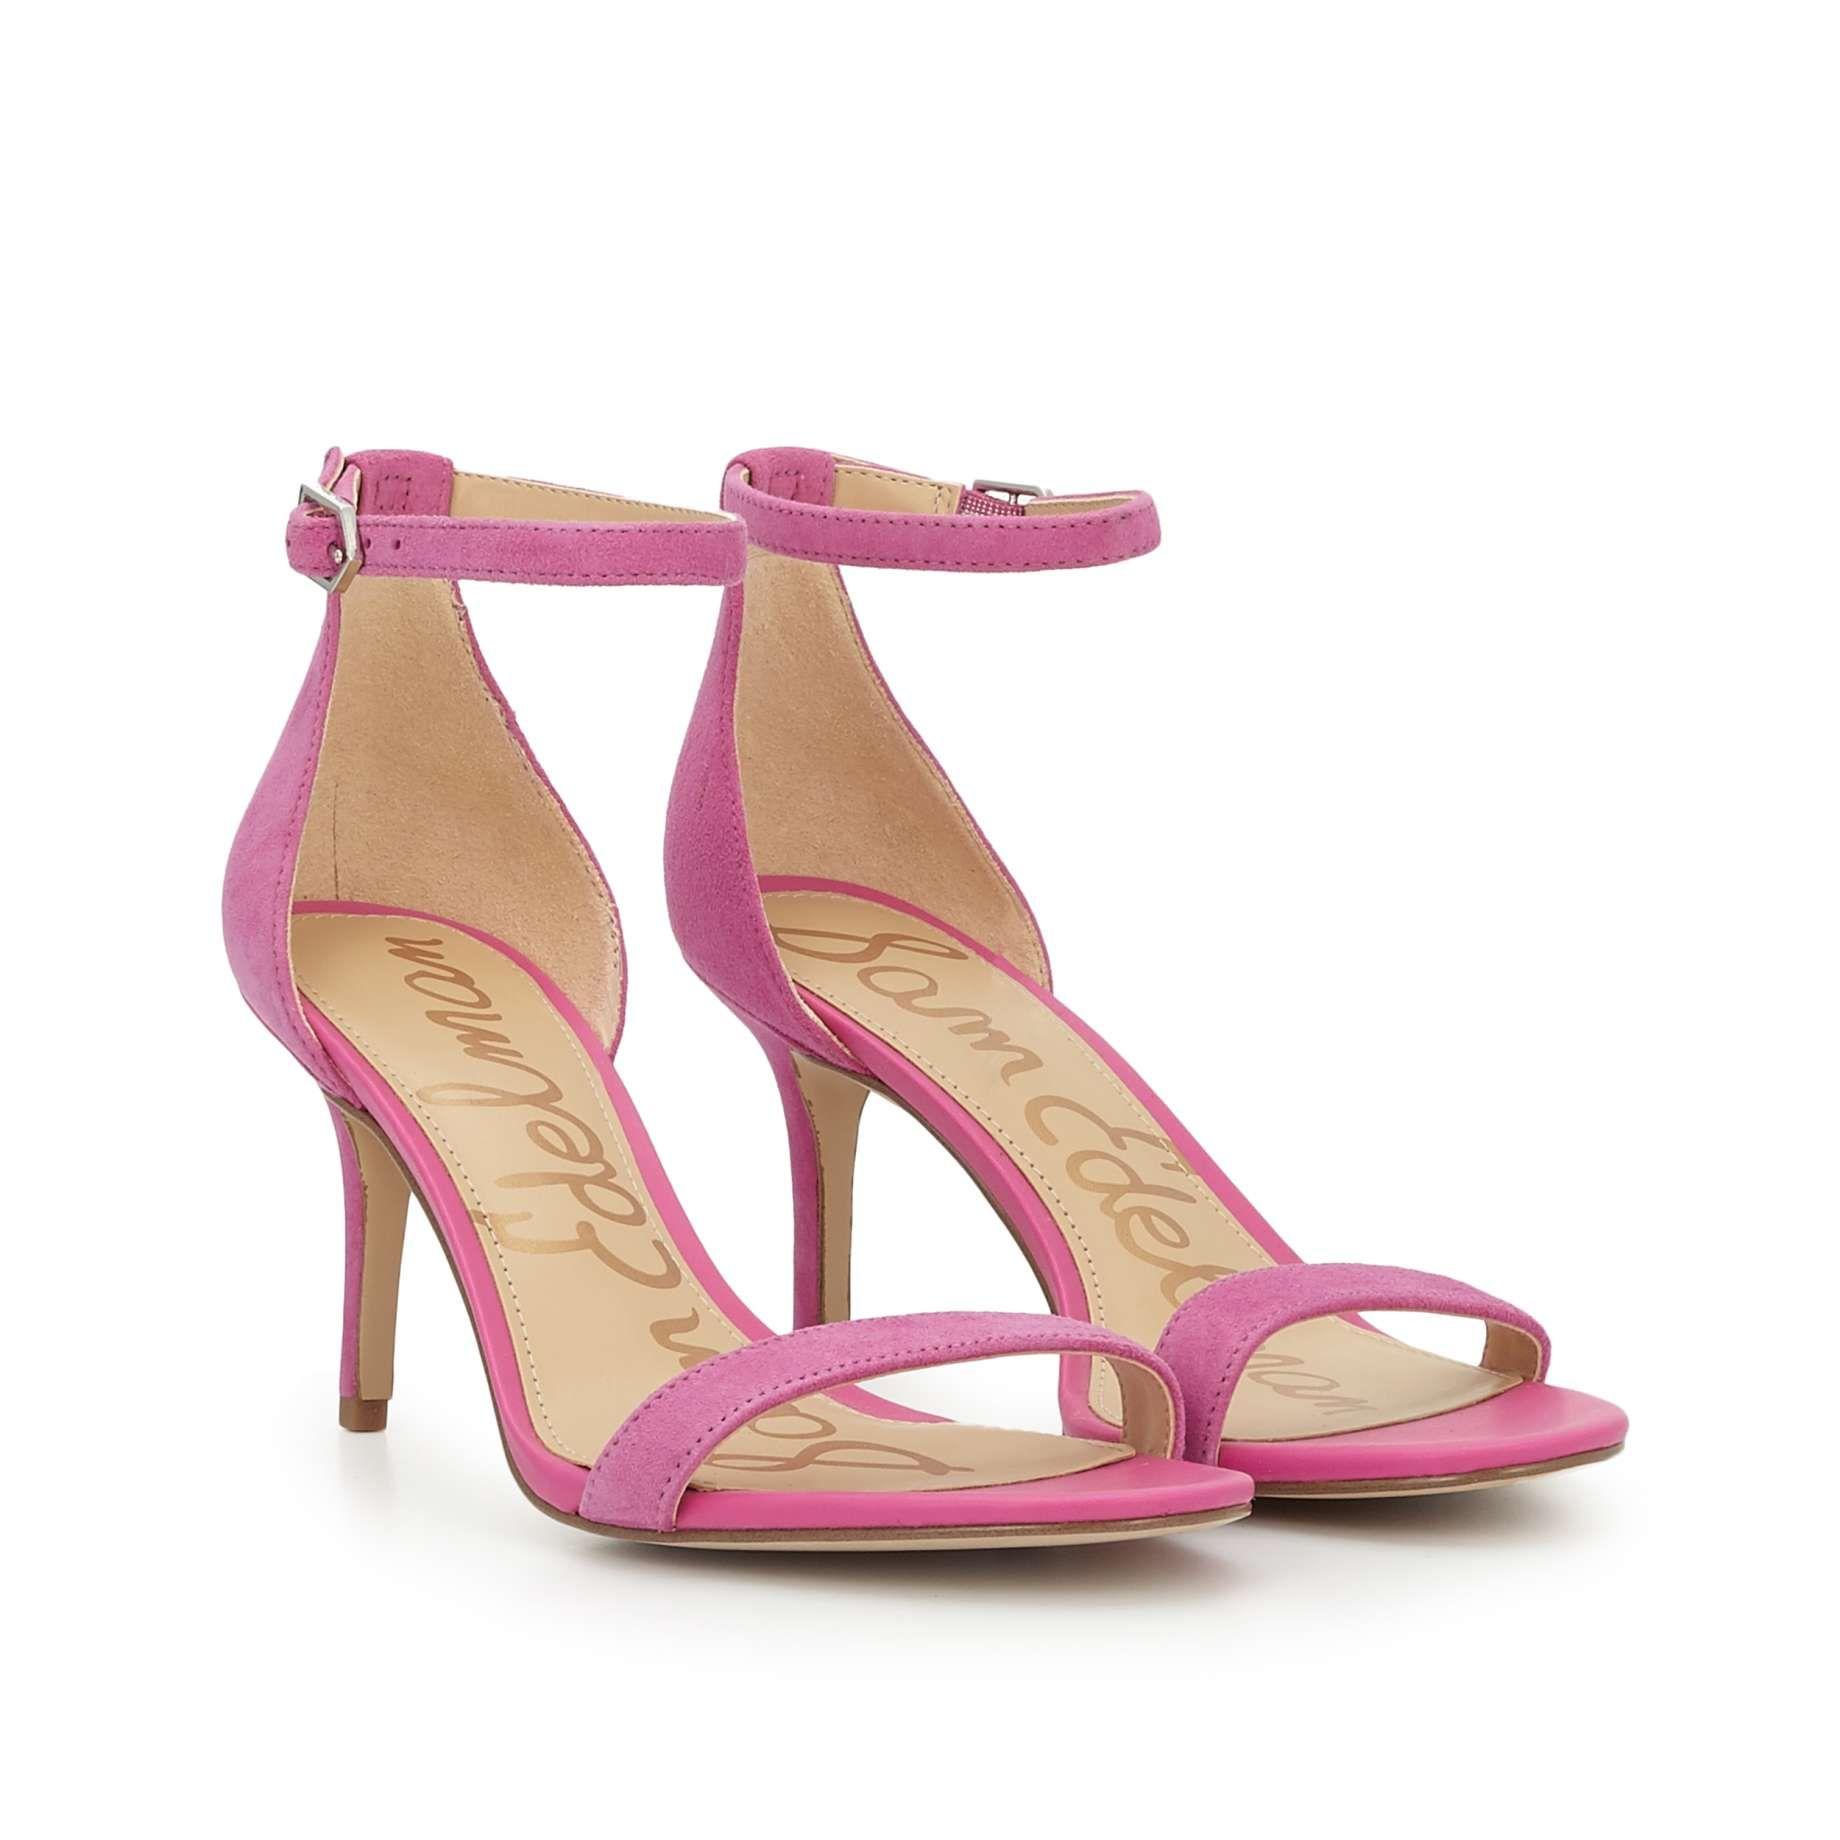 Patti Ankle Strap Sandal by Sam Edelman -  - View 1